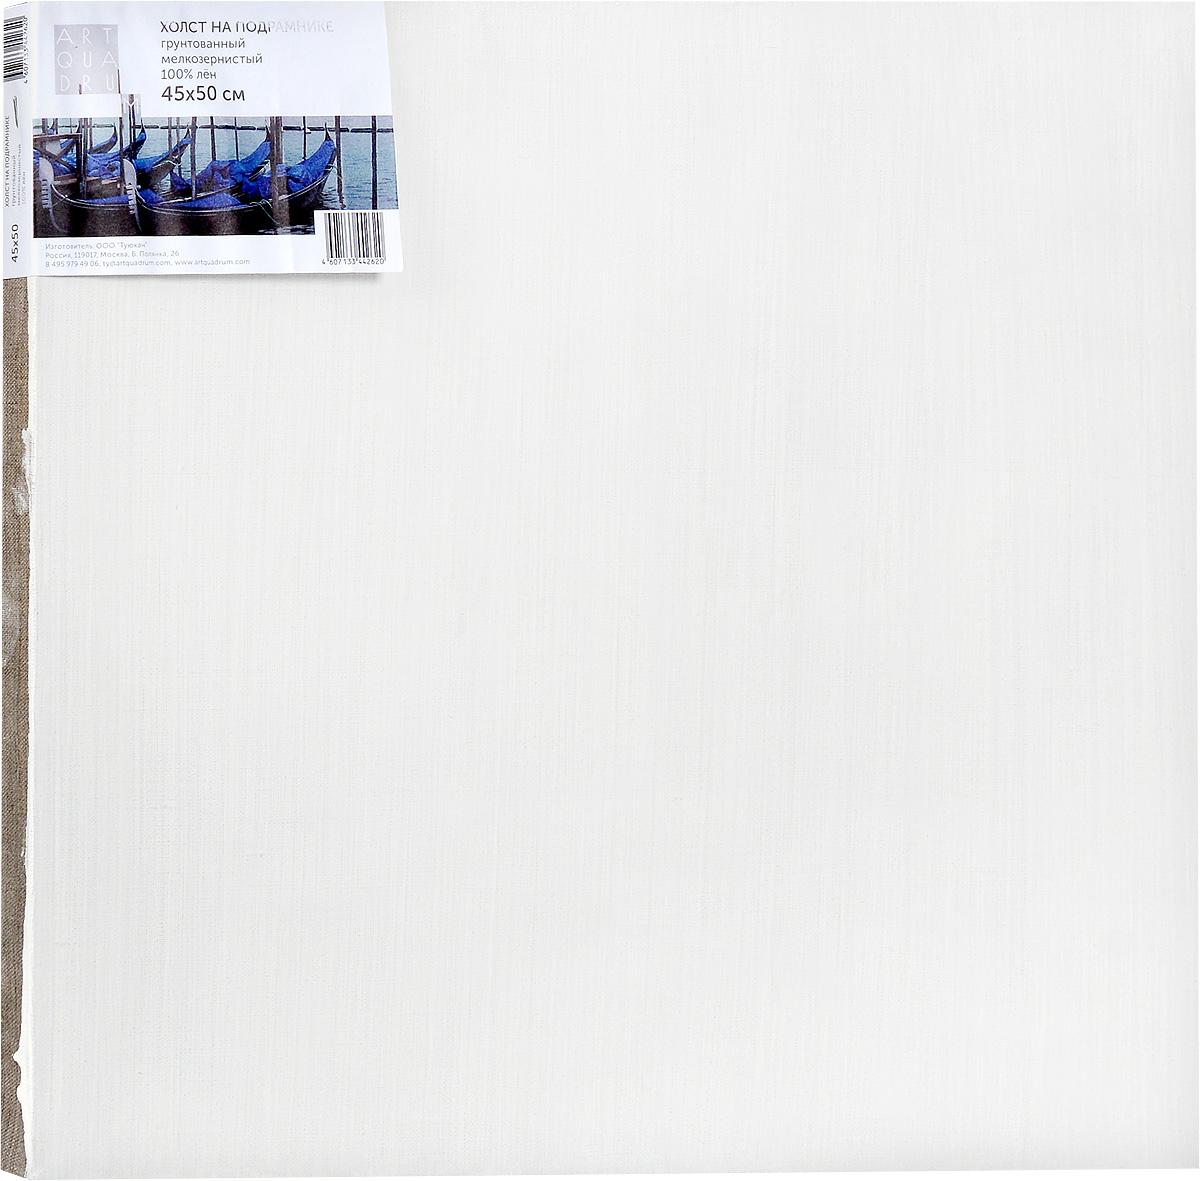 Холст ArtQuaDram Мелкозернистый на подрамнике, грунтованный, 45 х 50 смТ0003837Холст на деревянном подрамнике ArtQuaDram Мелкозернистый изготовлен из 100% натурального льна. Подходит для профессионалов и художников. Холст не трескается, не впитывает слишком много краски, цвет краски и качество не изменяются. Холст идеально подходит для масляной и акриловой живописи.